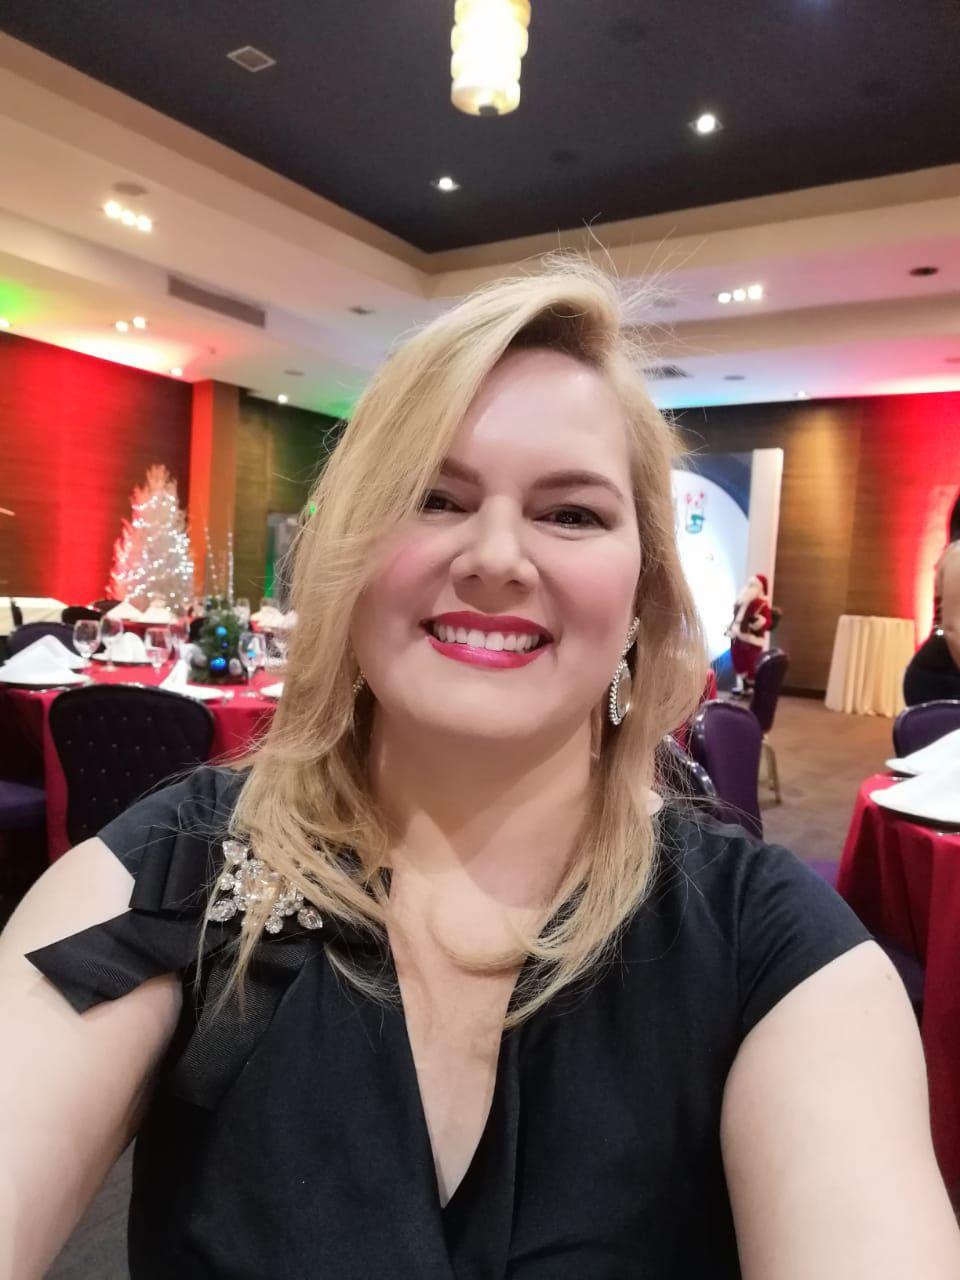 """Denisse Sánchez es una visionaria muy versátil y talentosa. Cuenta con una licenciatura en Administración de empresas y con conocimientos en diferentes áreas de la gestión de negocios y el marketing digital, el diseño gráfico y la fotografía.  Inició su trayectoria profesional en la carrera de bienes raíces y varios años después se lanzó al mercado de forma independiente con su propia empresa, Land Broker RD. Su pasión por el mundo de la tecnología le llevó –además- a crear la empresa Mujer Digital, un proyecto diseñado para aportar a emprendedoras y al público en general a conocer herramientas tecnológicas, de crecimiento personal y productividad empresarial.  Según Denisse, el haber emprendido con dos empresas ha sido un proceso en el que la confianza en Dios, la disciplina, el trabajo duro, la constante capacitación y el enfoque en los objetivos planteados, han sido la clave que le ha garantizado el éxito de permanencia en el mercado.  En cuanto el papel a la mujer en la sociedad de hoy, entiende que el empoderamiento femenino es una situación que trae cambios positivos que se hacen cada vez más evidentes. """"El empotramiento de las mujeres se está expandiendo con responsabilidad, habilidad y orgullo en nuestra sociedad"""", subrayó."""